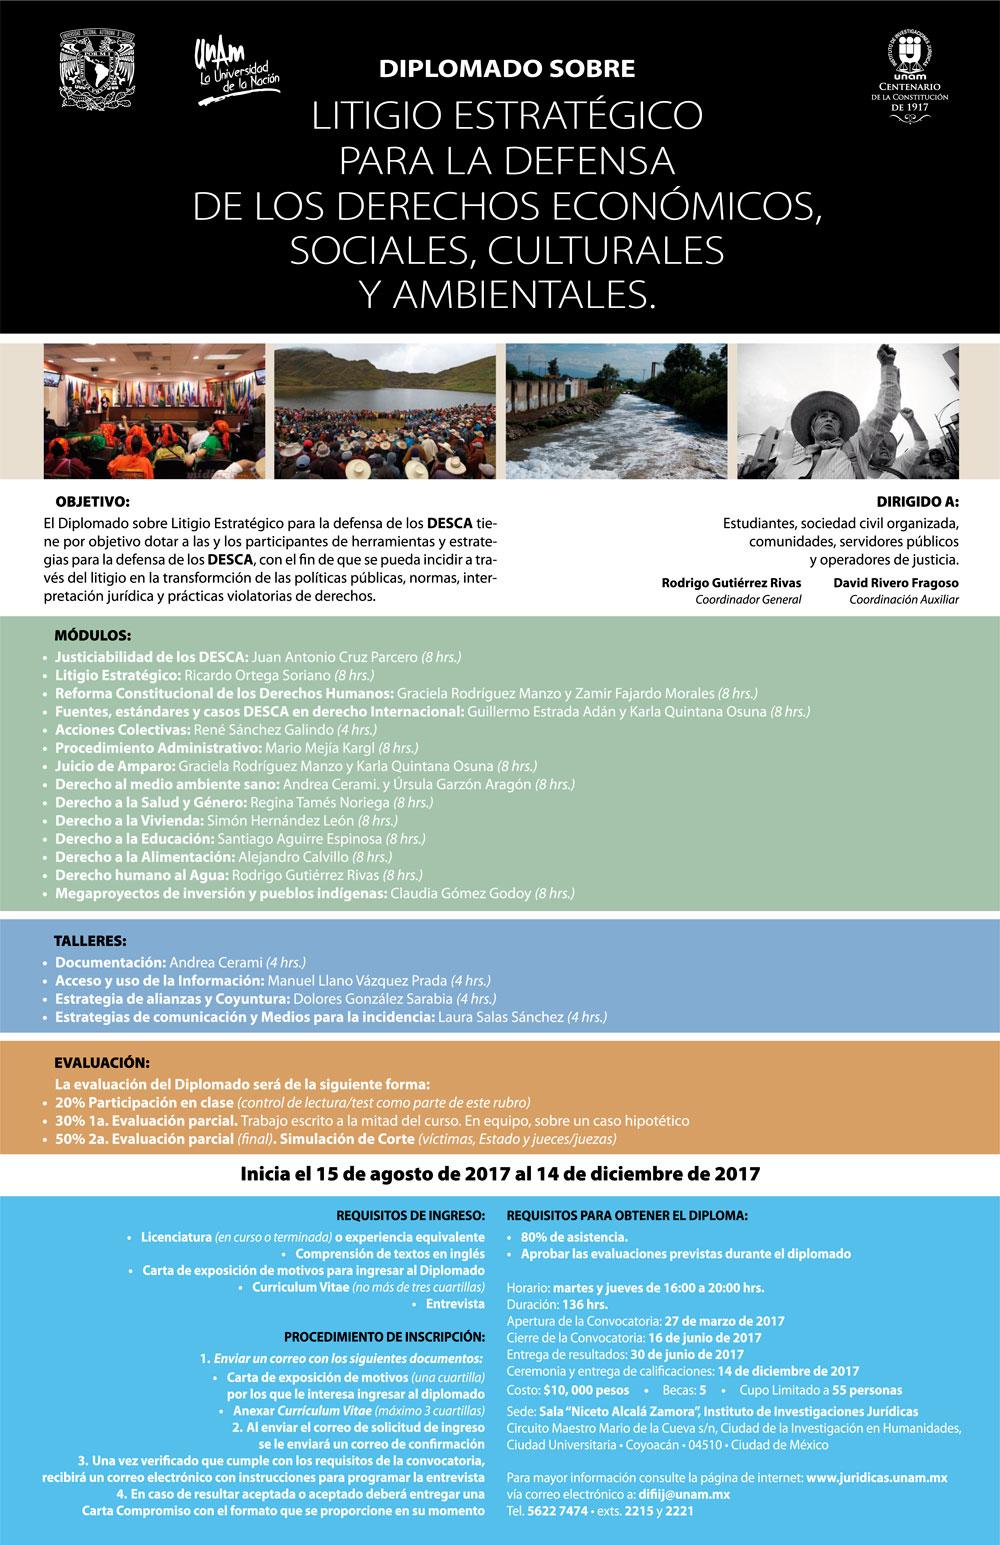 Litigio estratégico para la defensa de los derechos económicos, sociales, culturales y ambientales